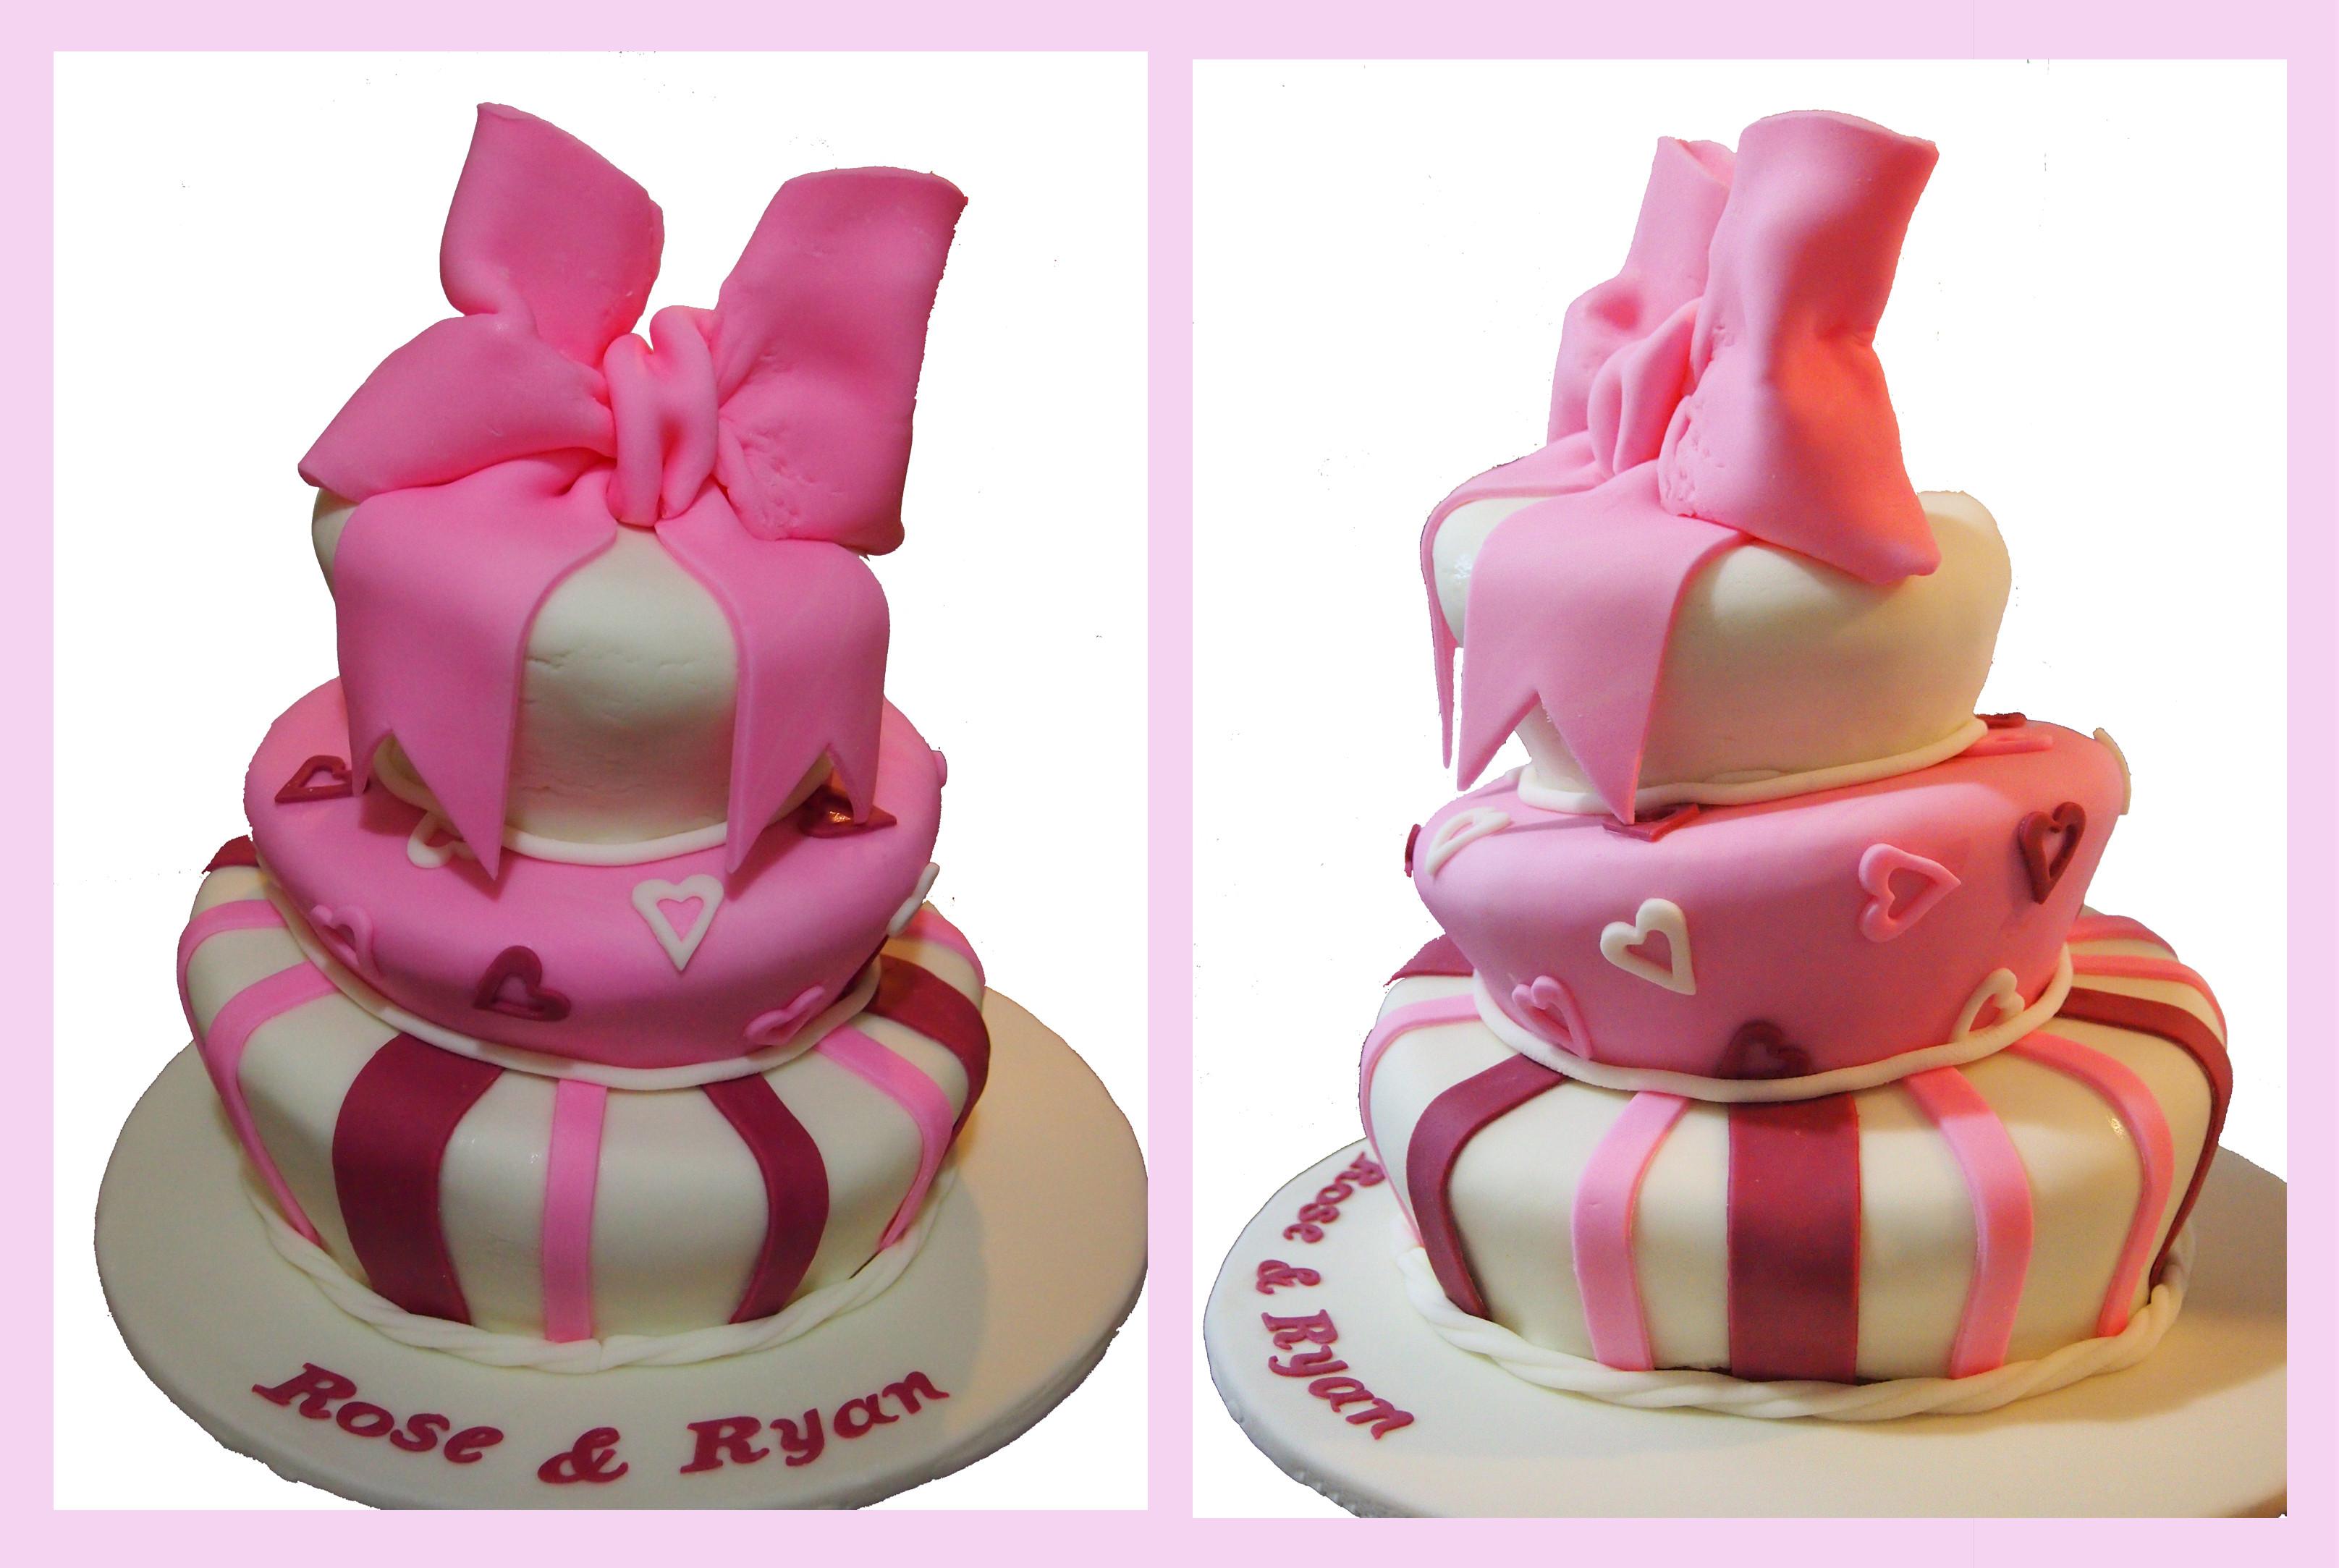 Topsy Turvy Hochzeitstorte  Pink Topsy Turvy Cake